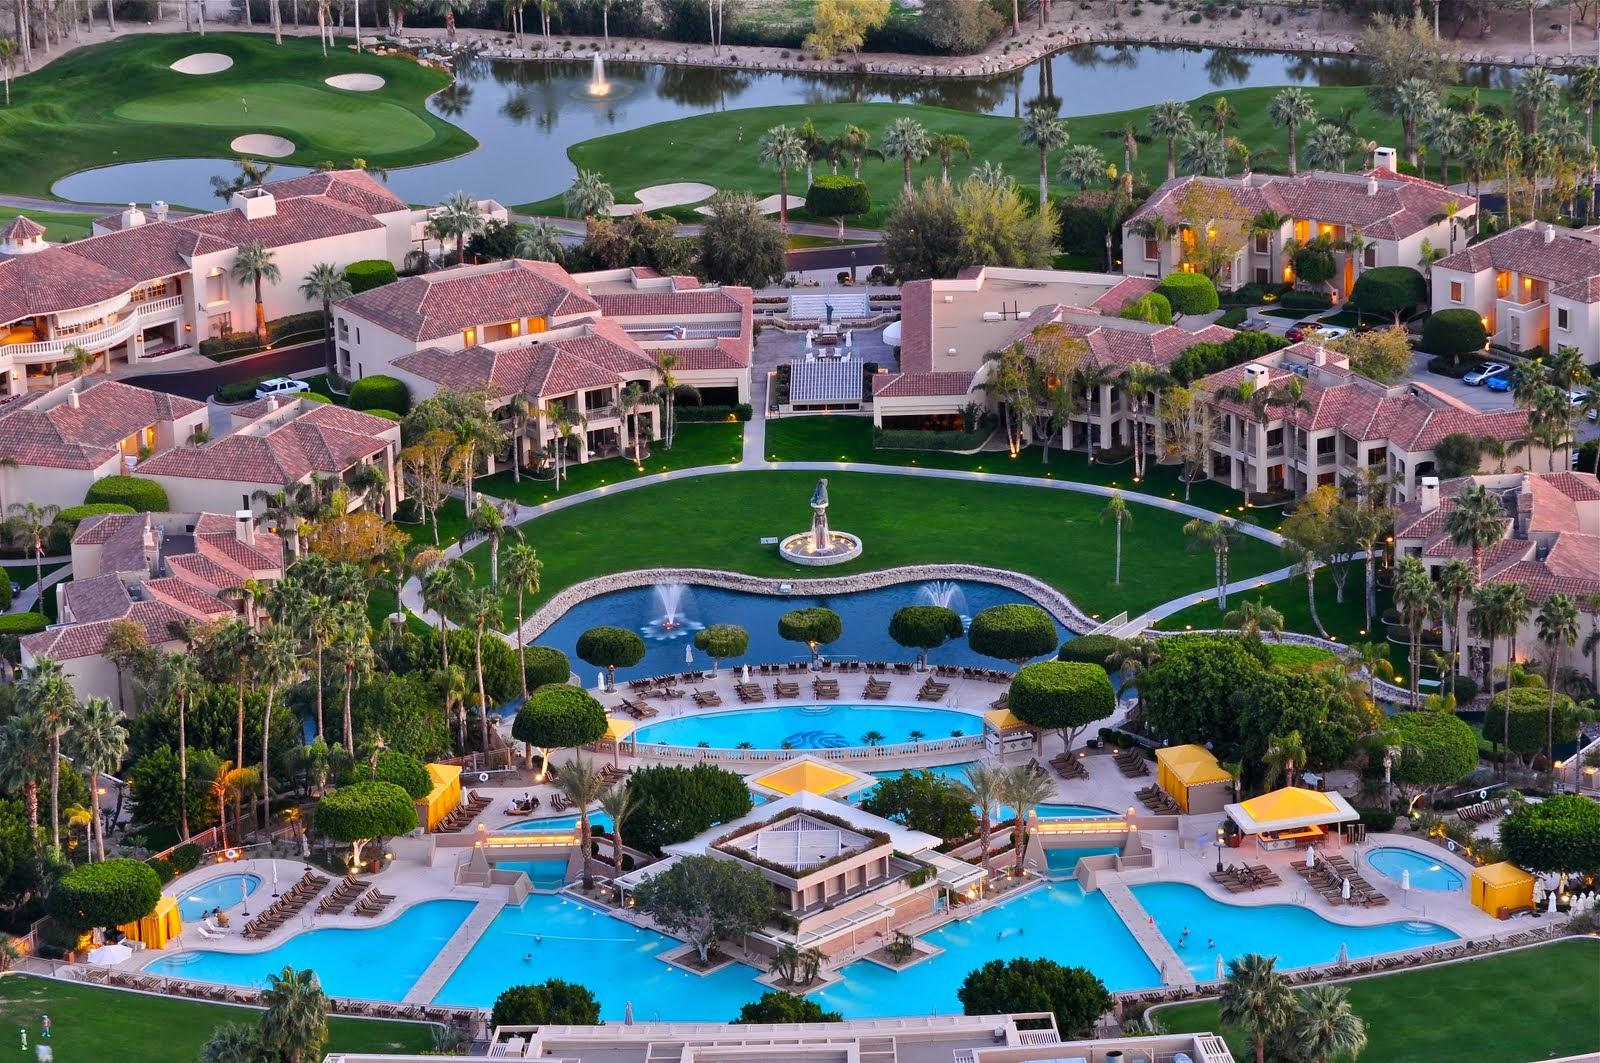 luxury hotels: the phoenician scottsdale